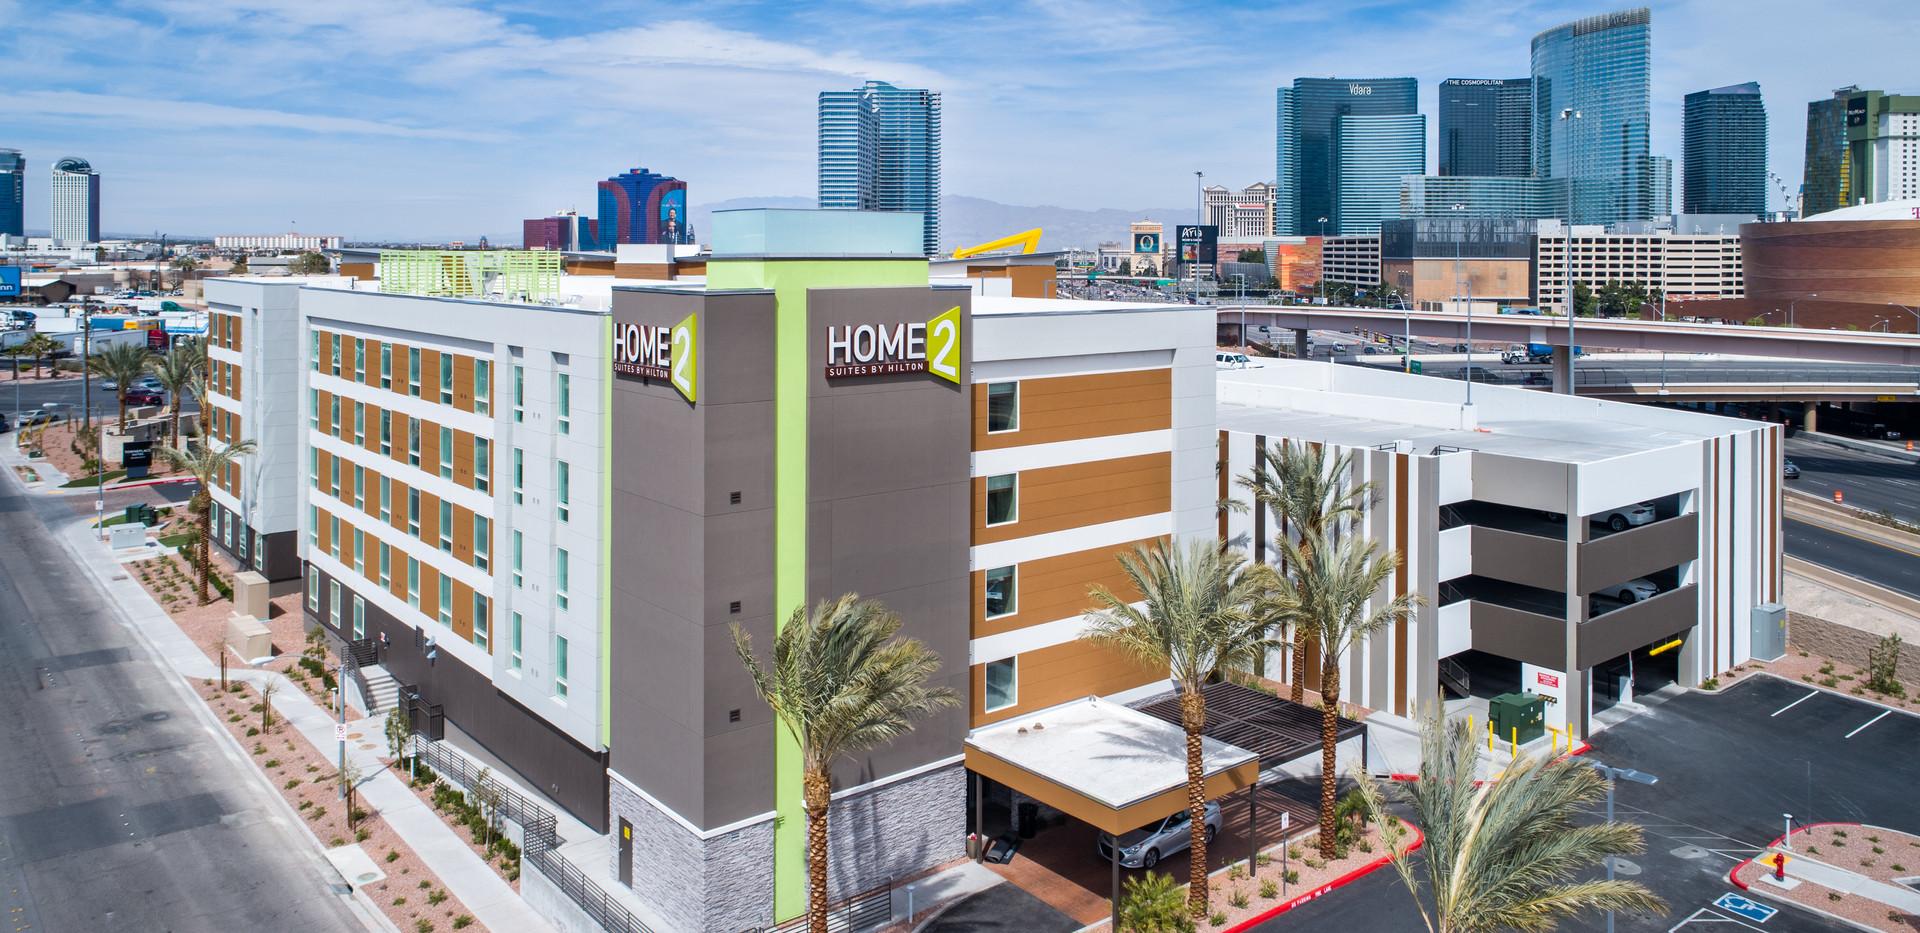 Home2_Towneplace_Vegas_Stills (2).jpg